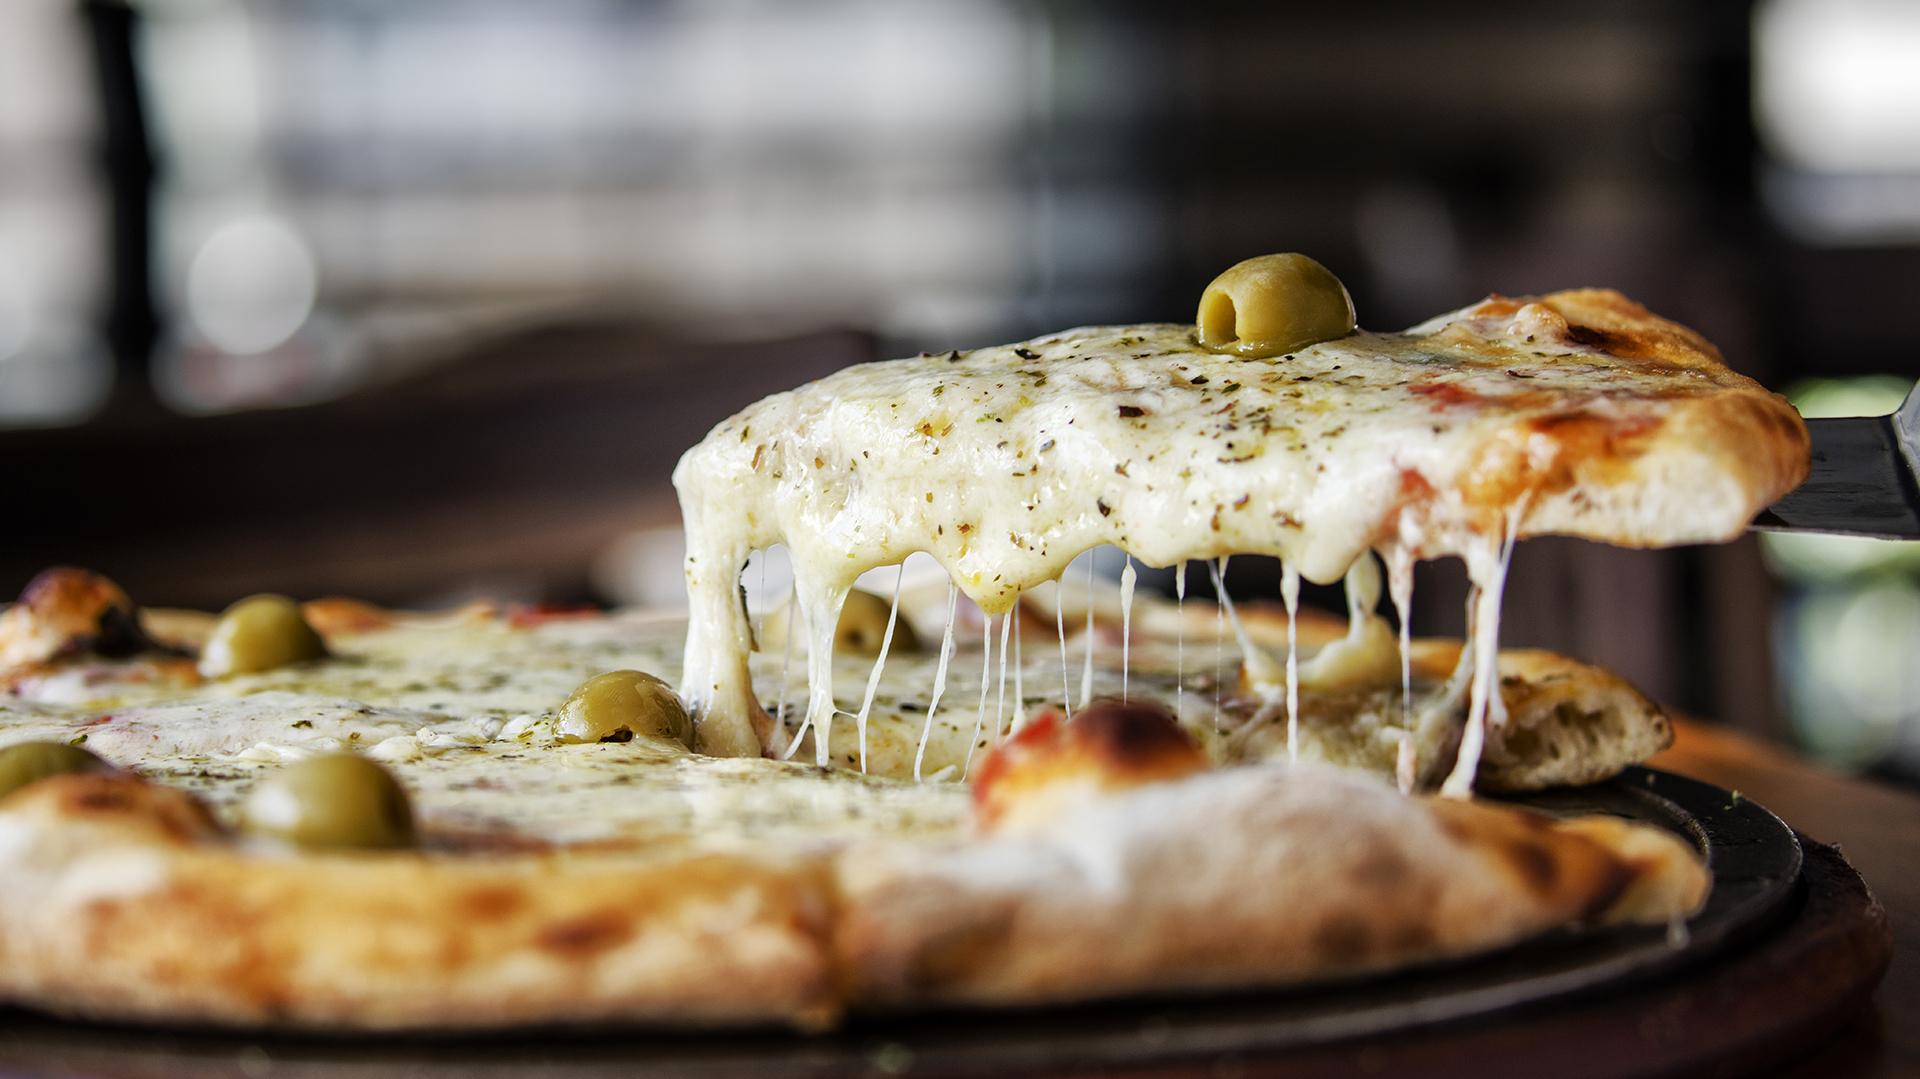 Muzzarella humeante, un clásico de todas las pizzerías. A la piedra o al molde, sin duda, es uno de los sabores más pedidos por los argentinos. (Getty)